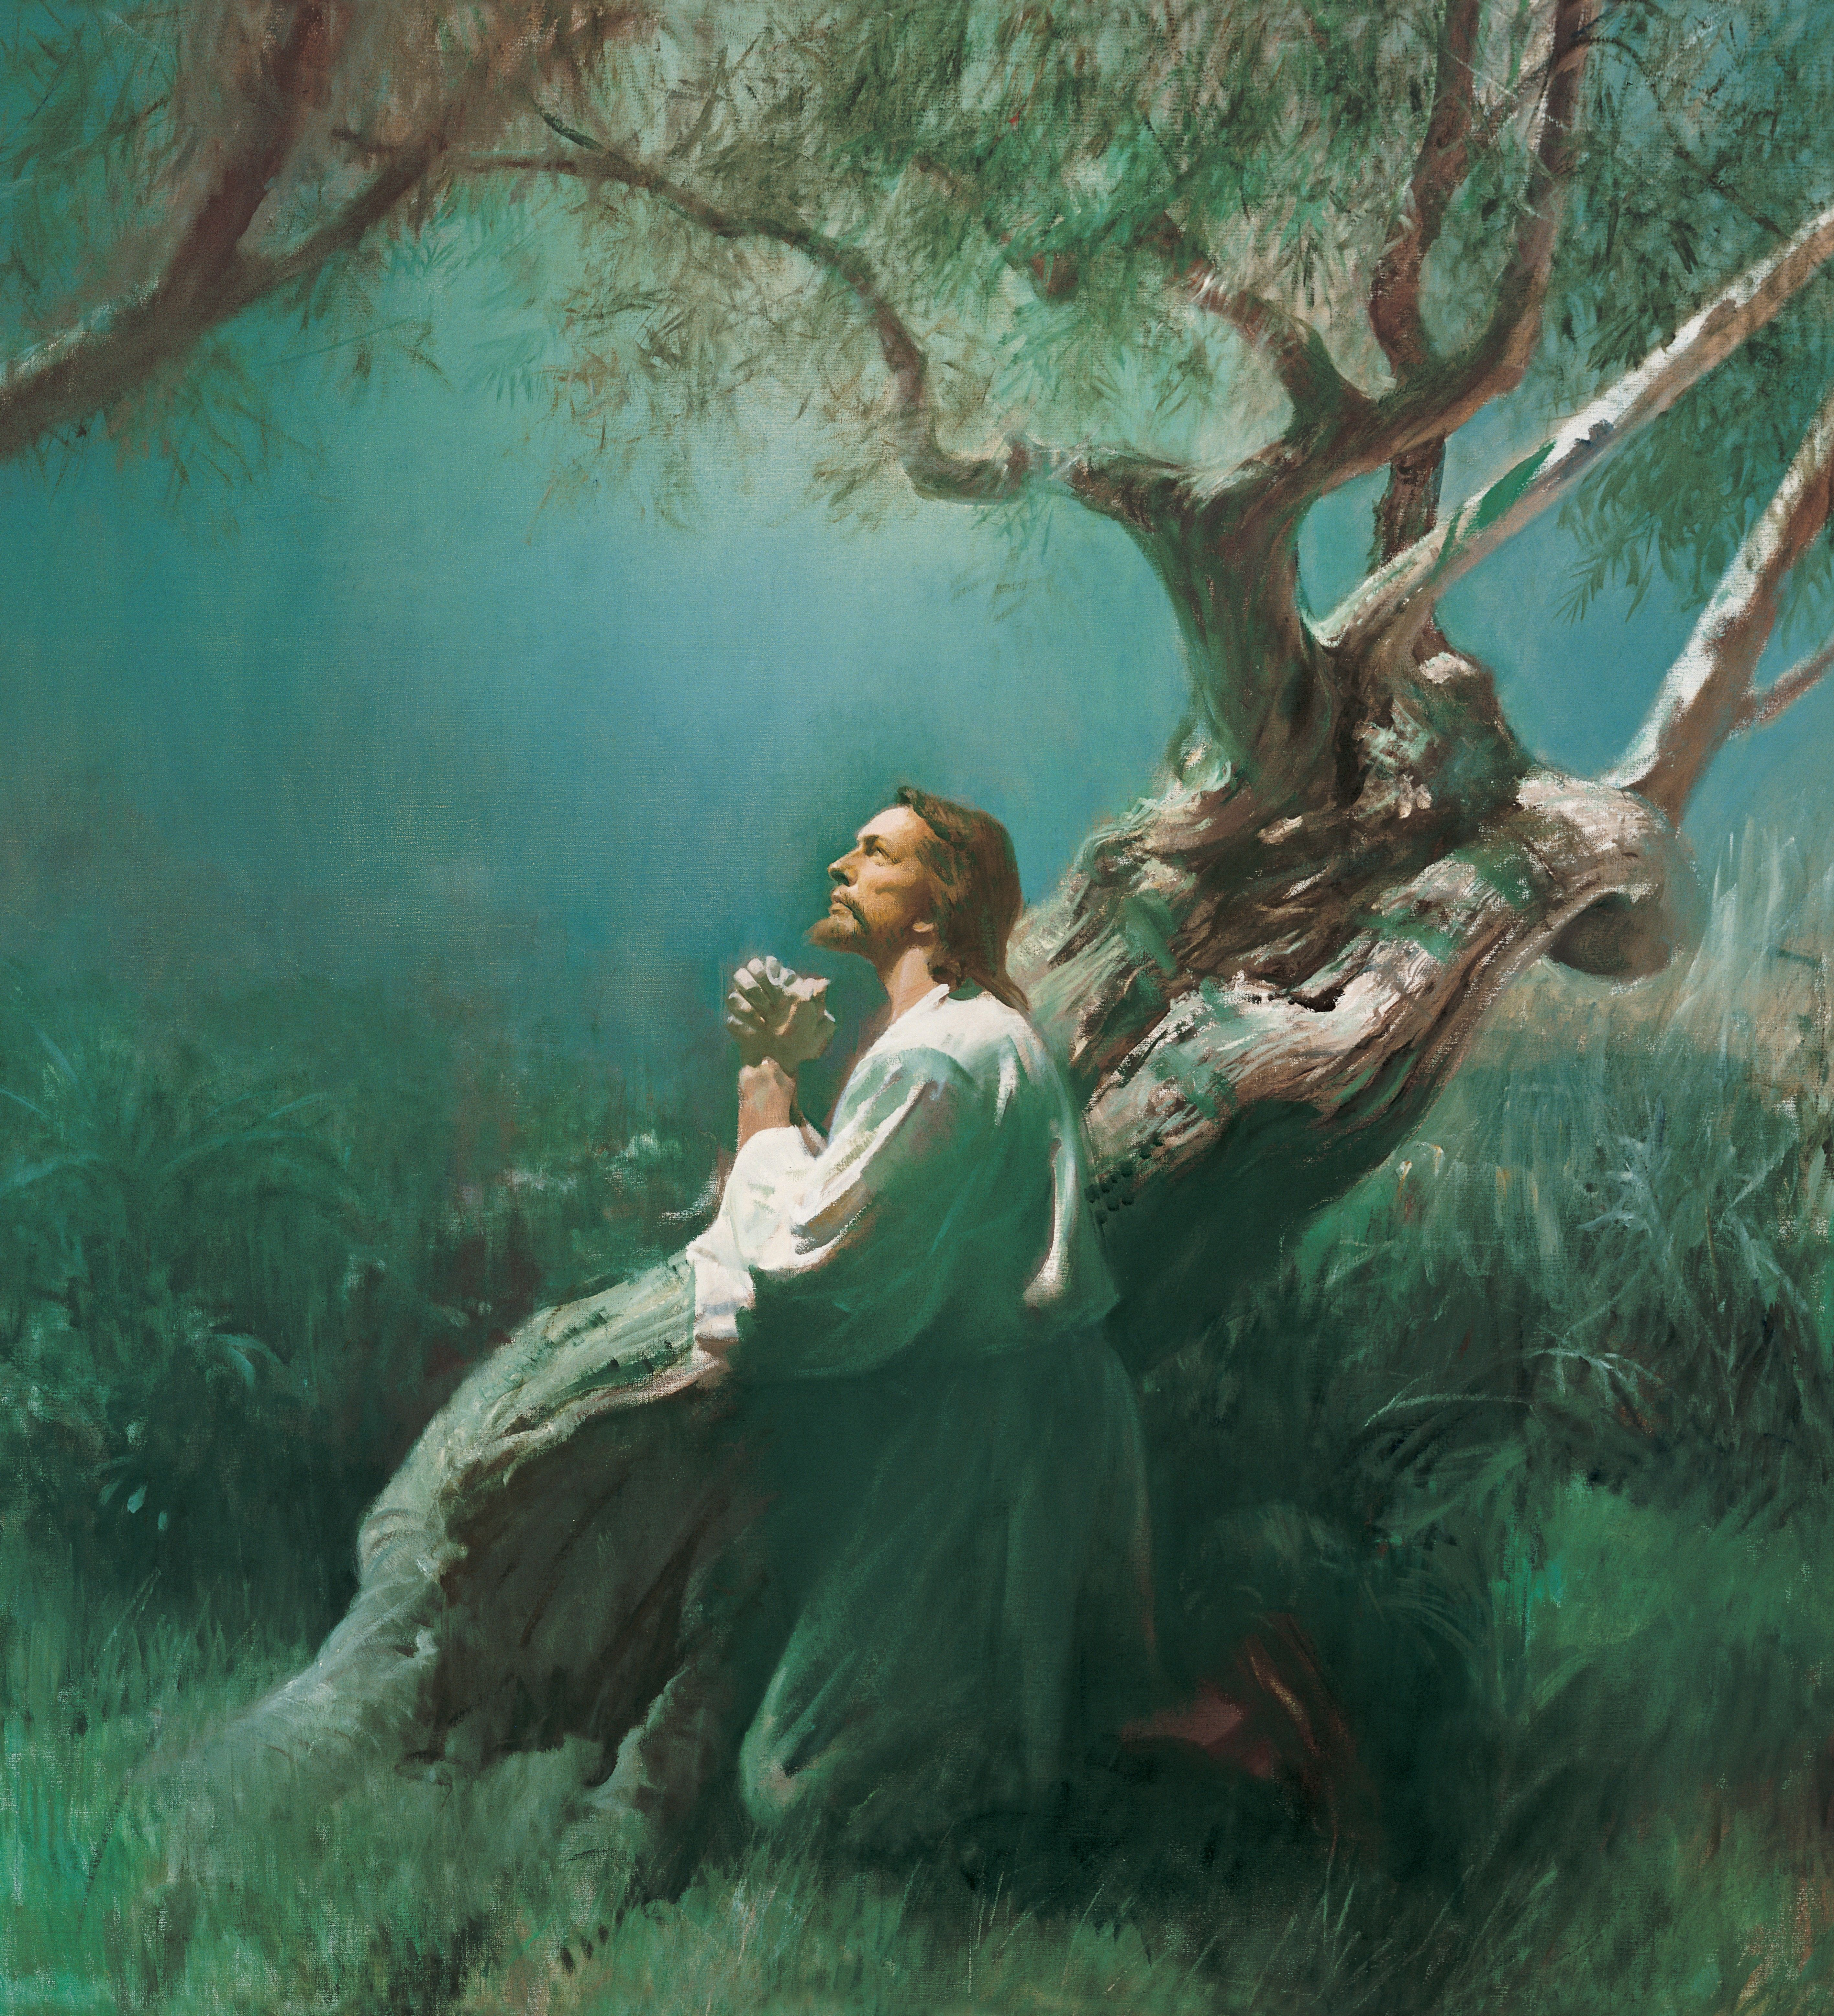 Jesus Praying in Gethsemane (Christ in Gethsemane), by Harry Anderson (62175); GAB 56; GAK 227; Primary manual 1-72; Primary manual 2-52; Primary manual 3-46; Primary manual 6-47; Primary manual 7-30; Matthew 26:36–45; Luke 22:39–46; Alma 7:11–13